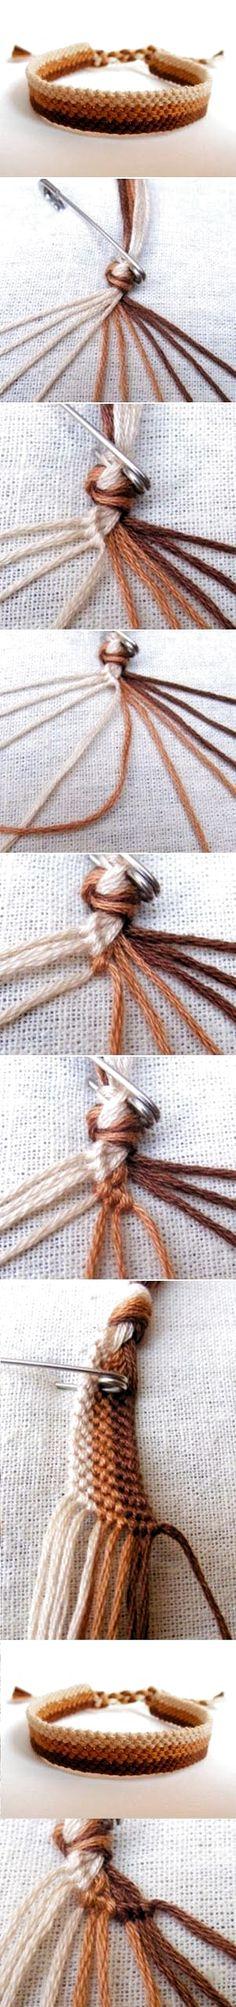 Diy easy weave bracelet diy crafts tutorials diy by bleu Bracelet Crafts, Jewelry Crafts, Crochet Bracelet, Friendship Bracelet Patterns, Friendship Bracelets, Hemp Bracelet Patterns, Woven Bracelets, Braclets Diy, Knotted Bracelet